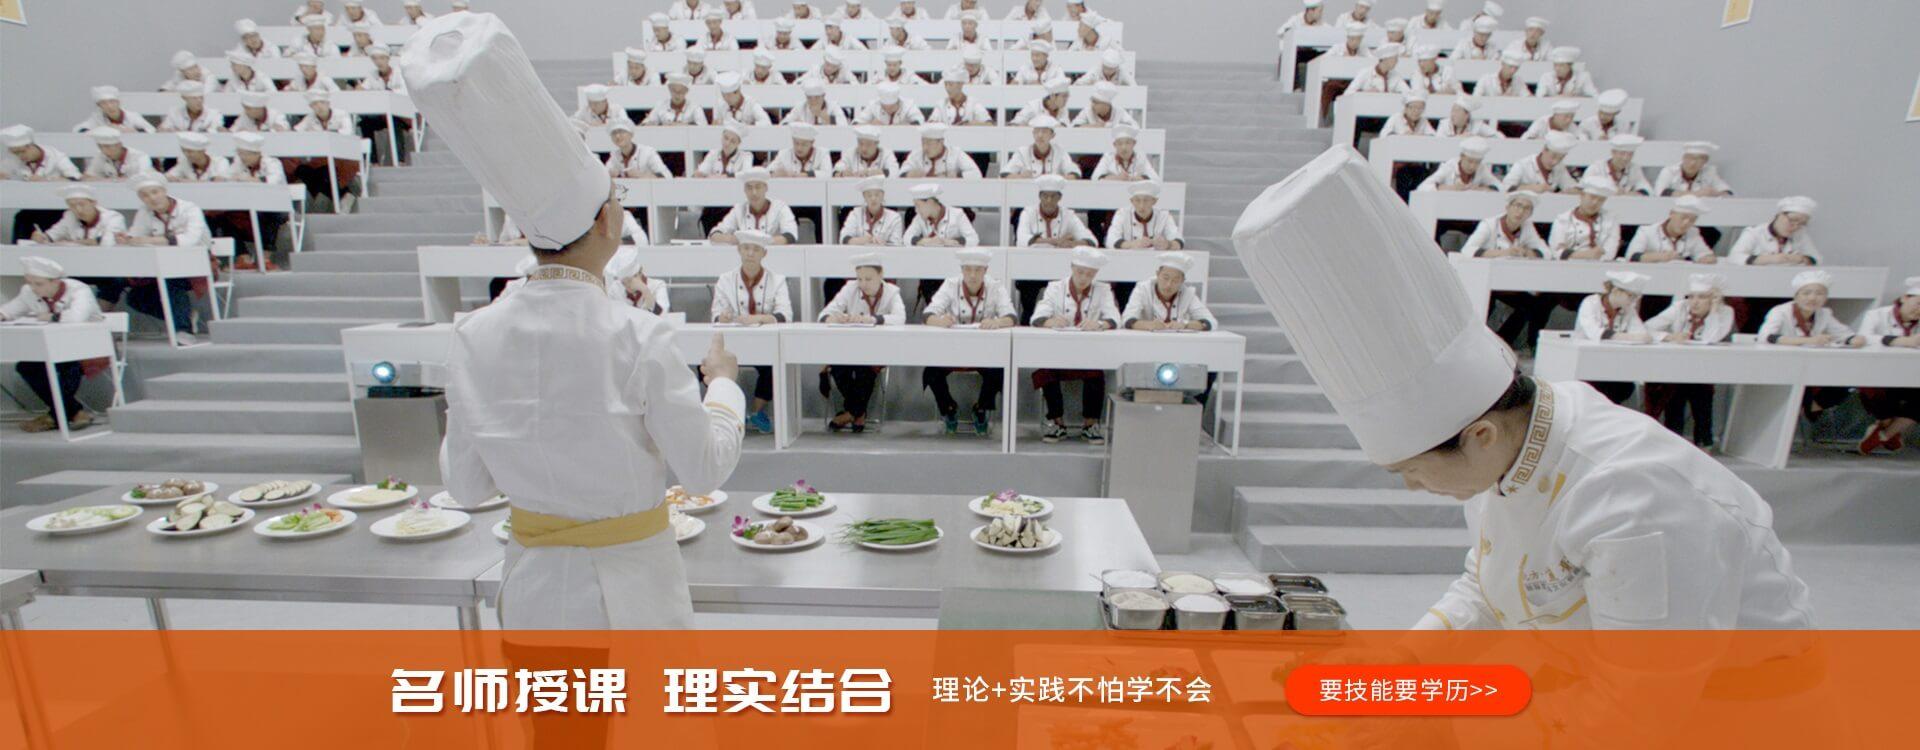 长沙厨师培训学校